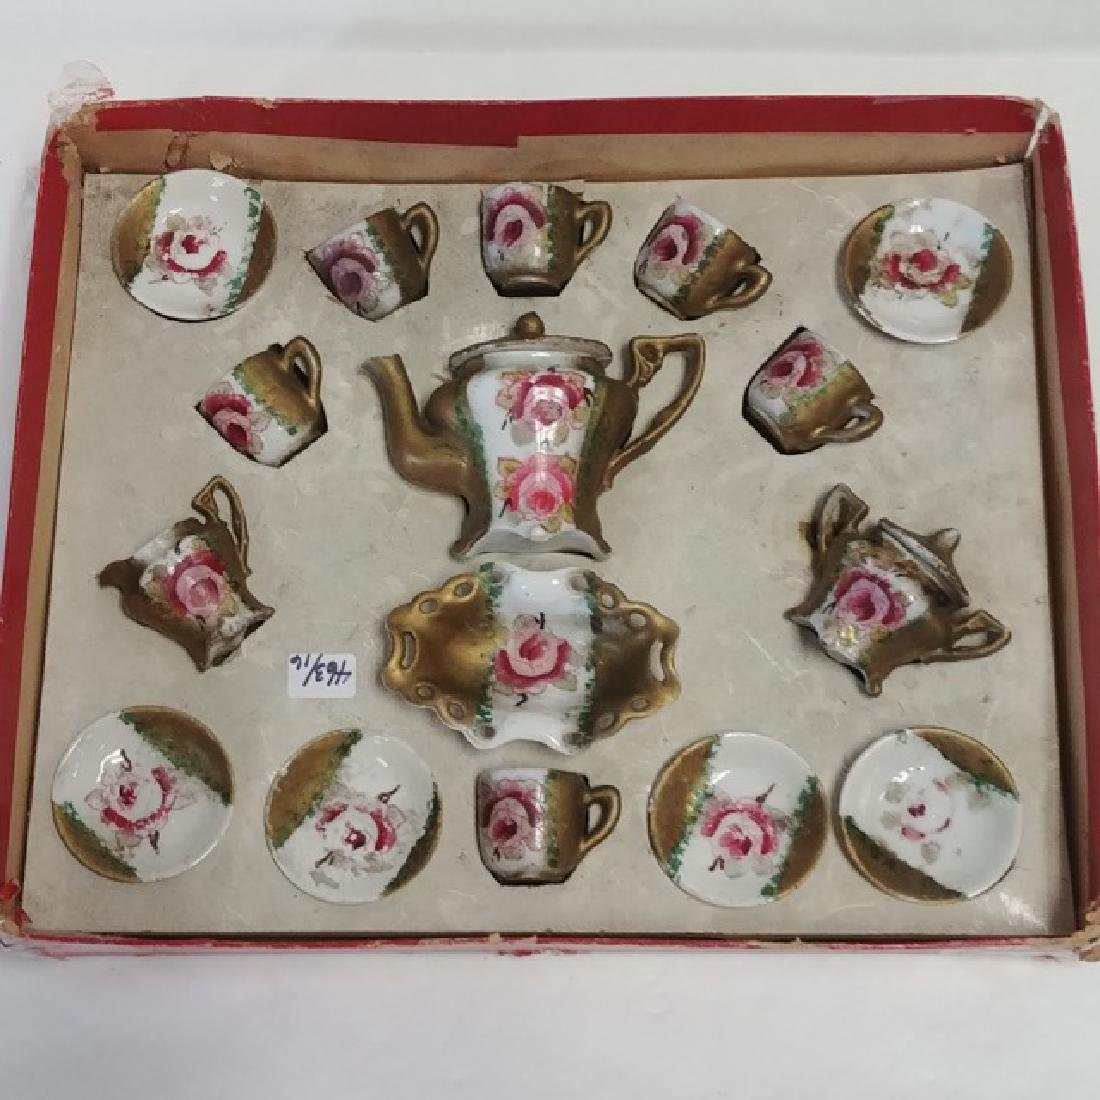 Antique Doll's Porcelain Tea Set